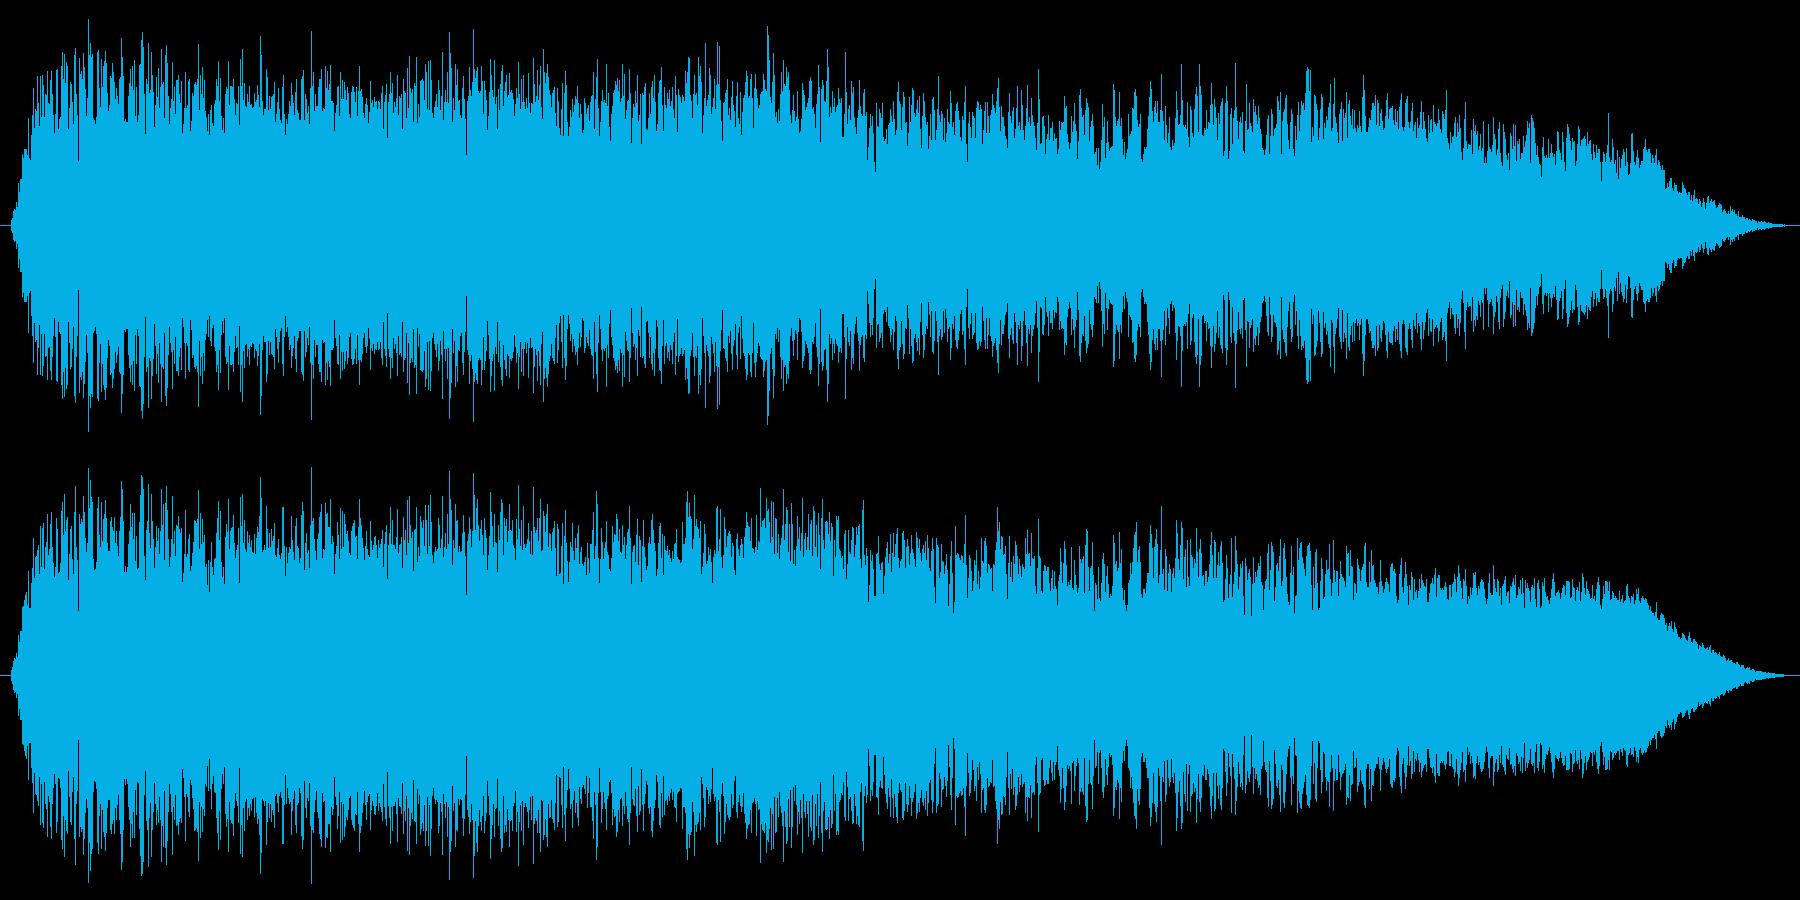 暴走族の走行およびコール タイプAの再生済みの波形